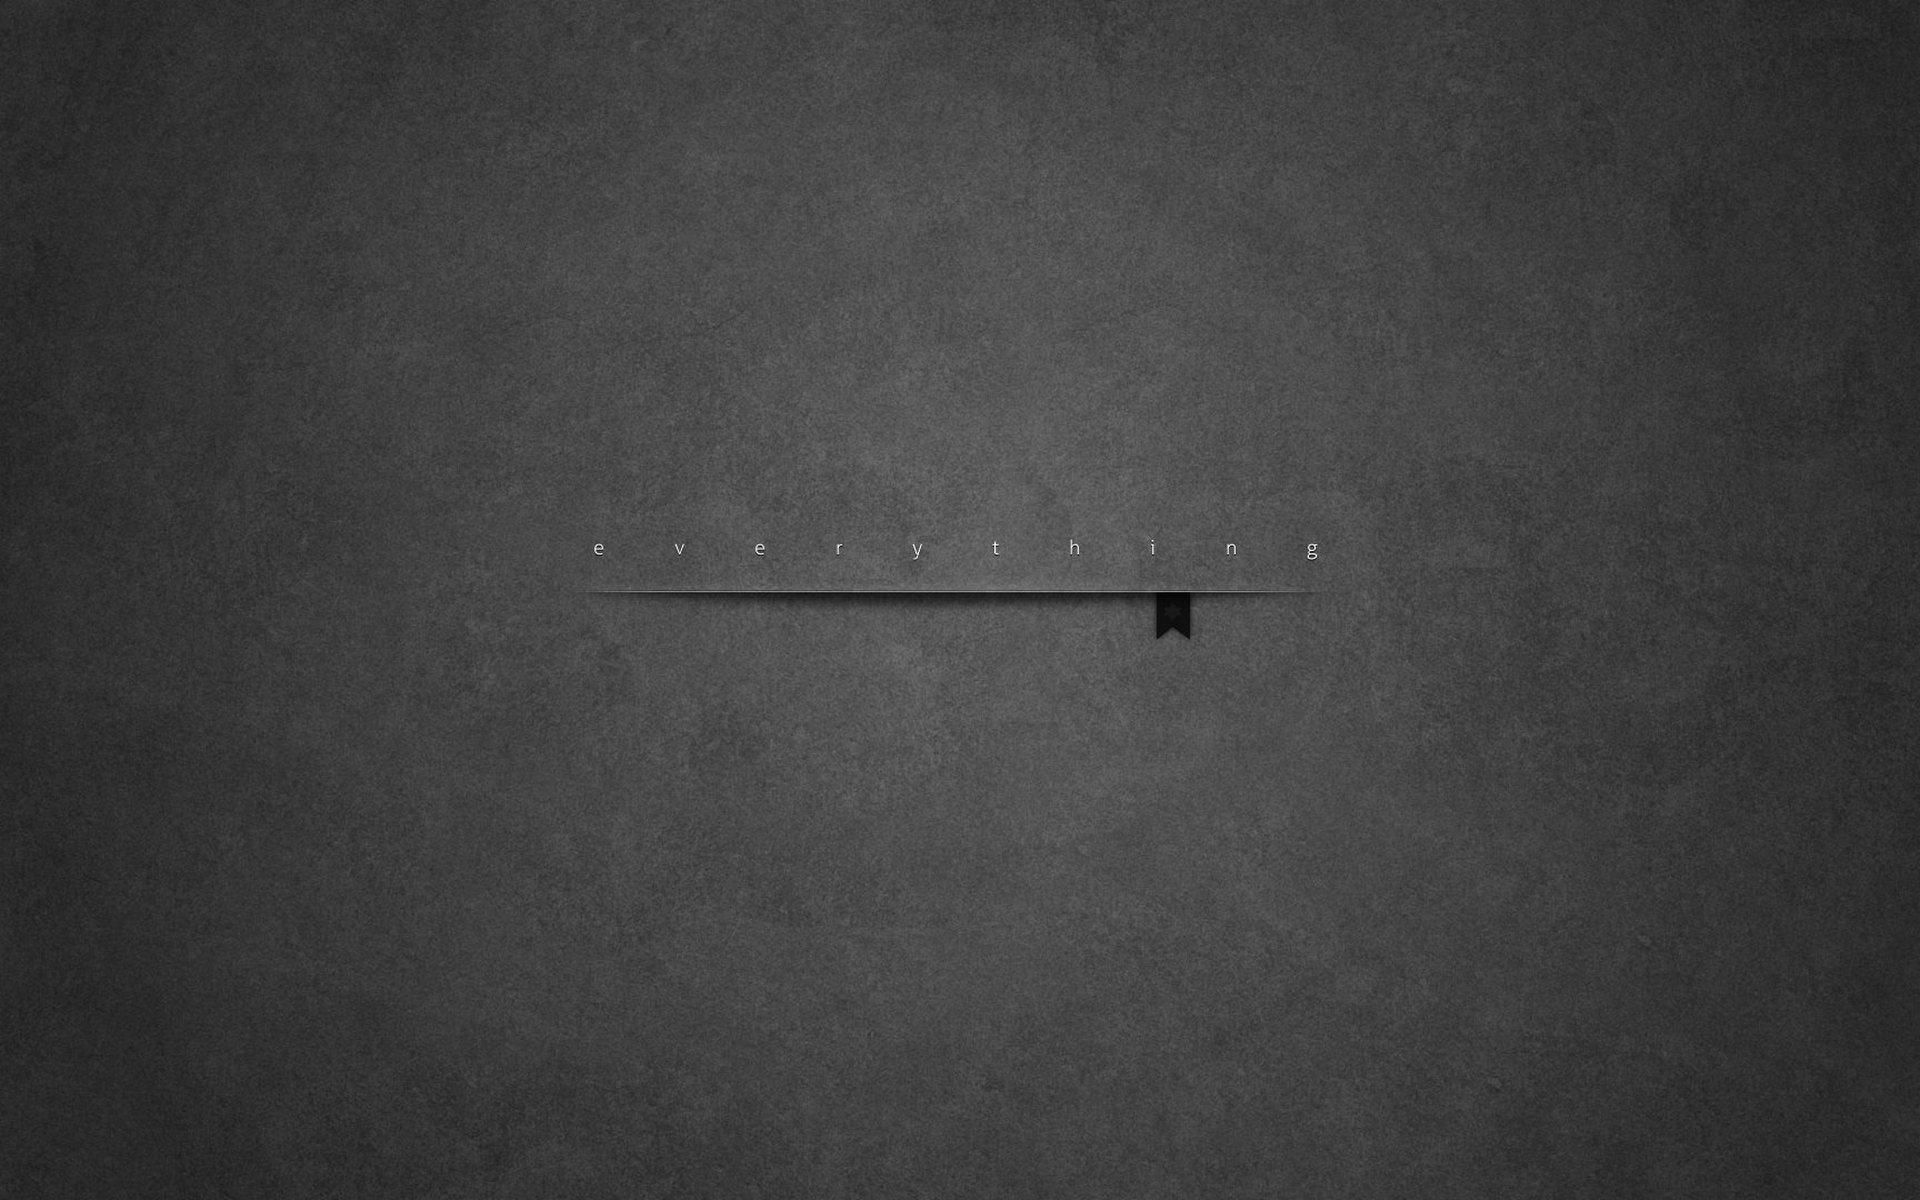 дома минимализм тень home minimalism shadow скачать